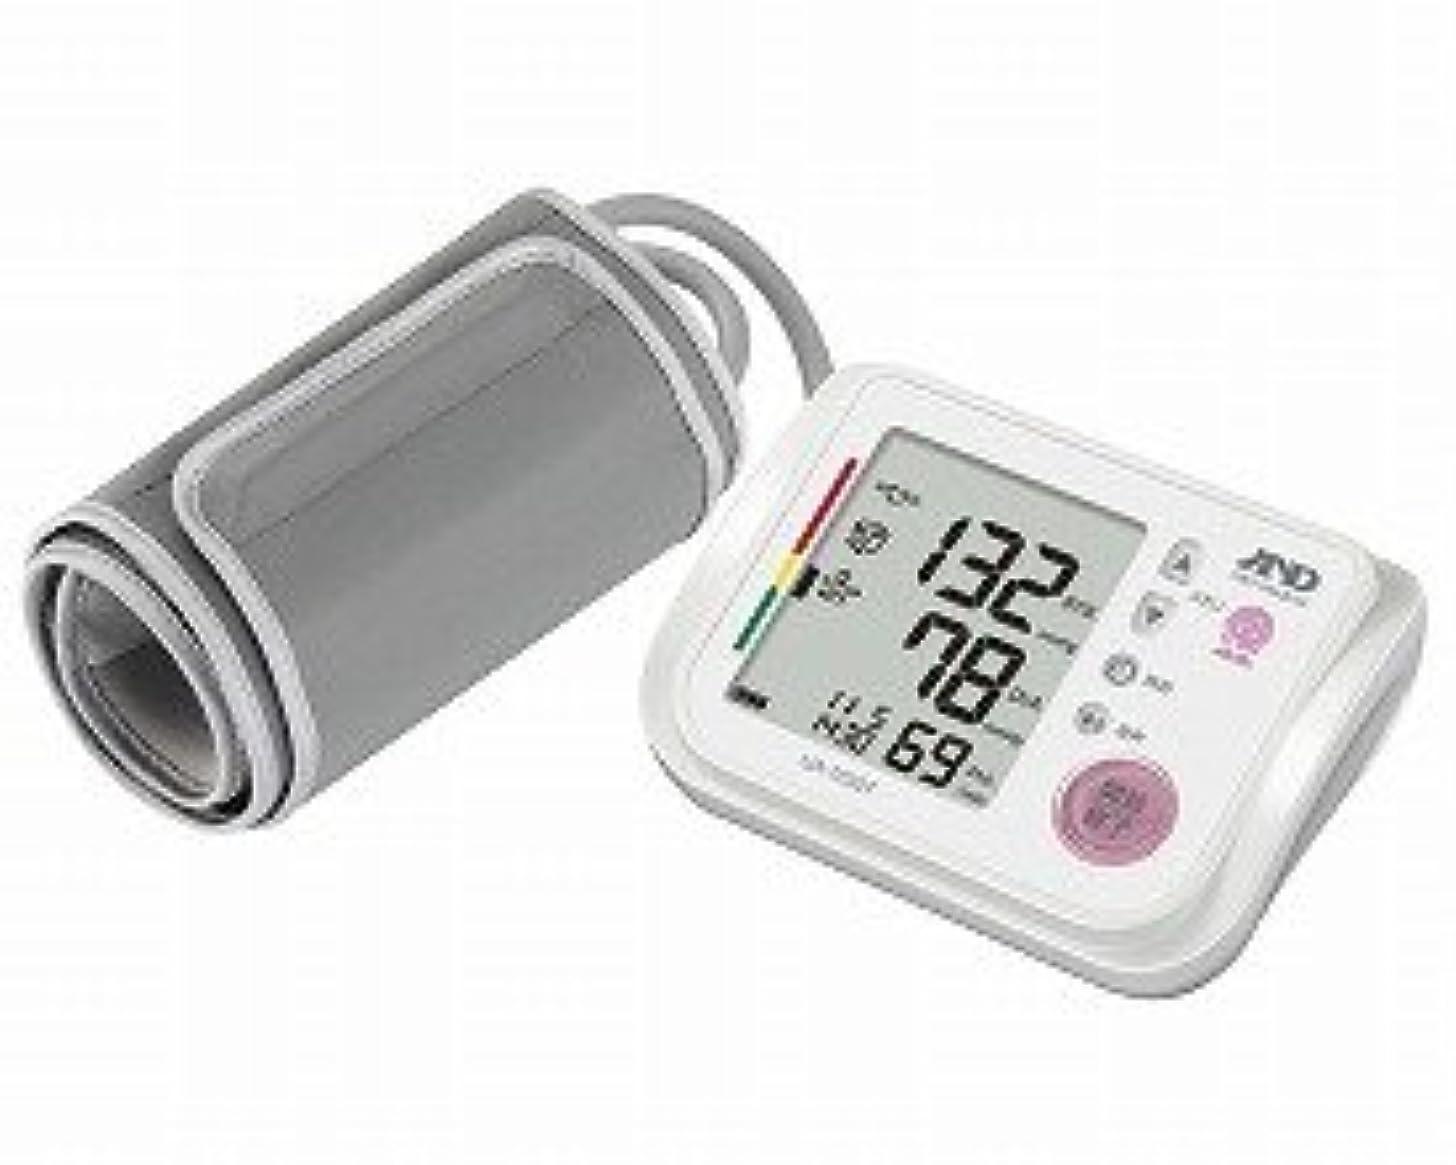 謎めいたマージ決定音声付血圧計(UA-1030T)